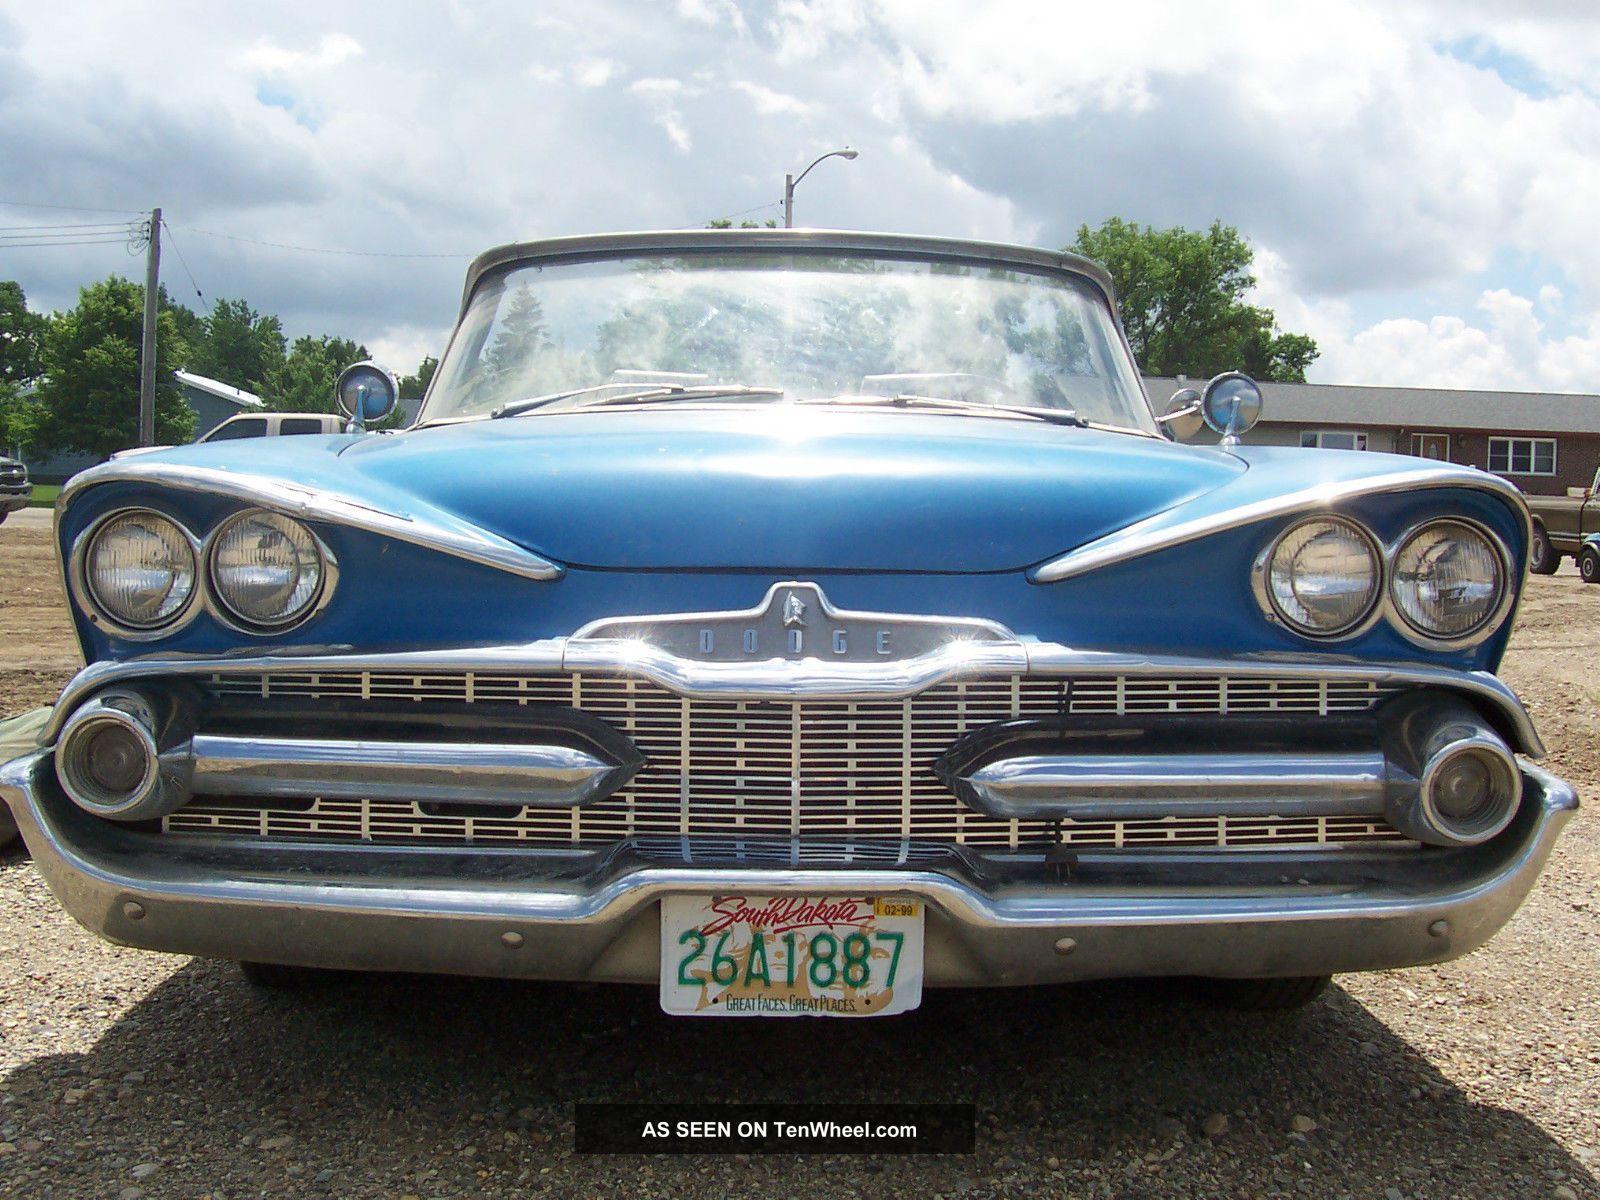 1959 Dodge Cornet Coronet photo